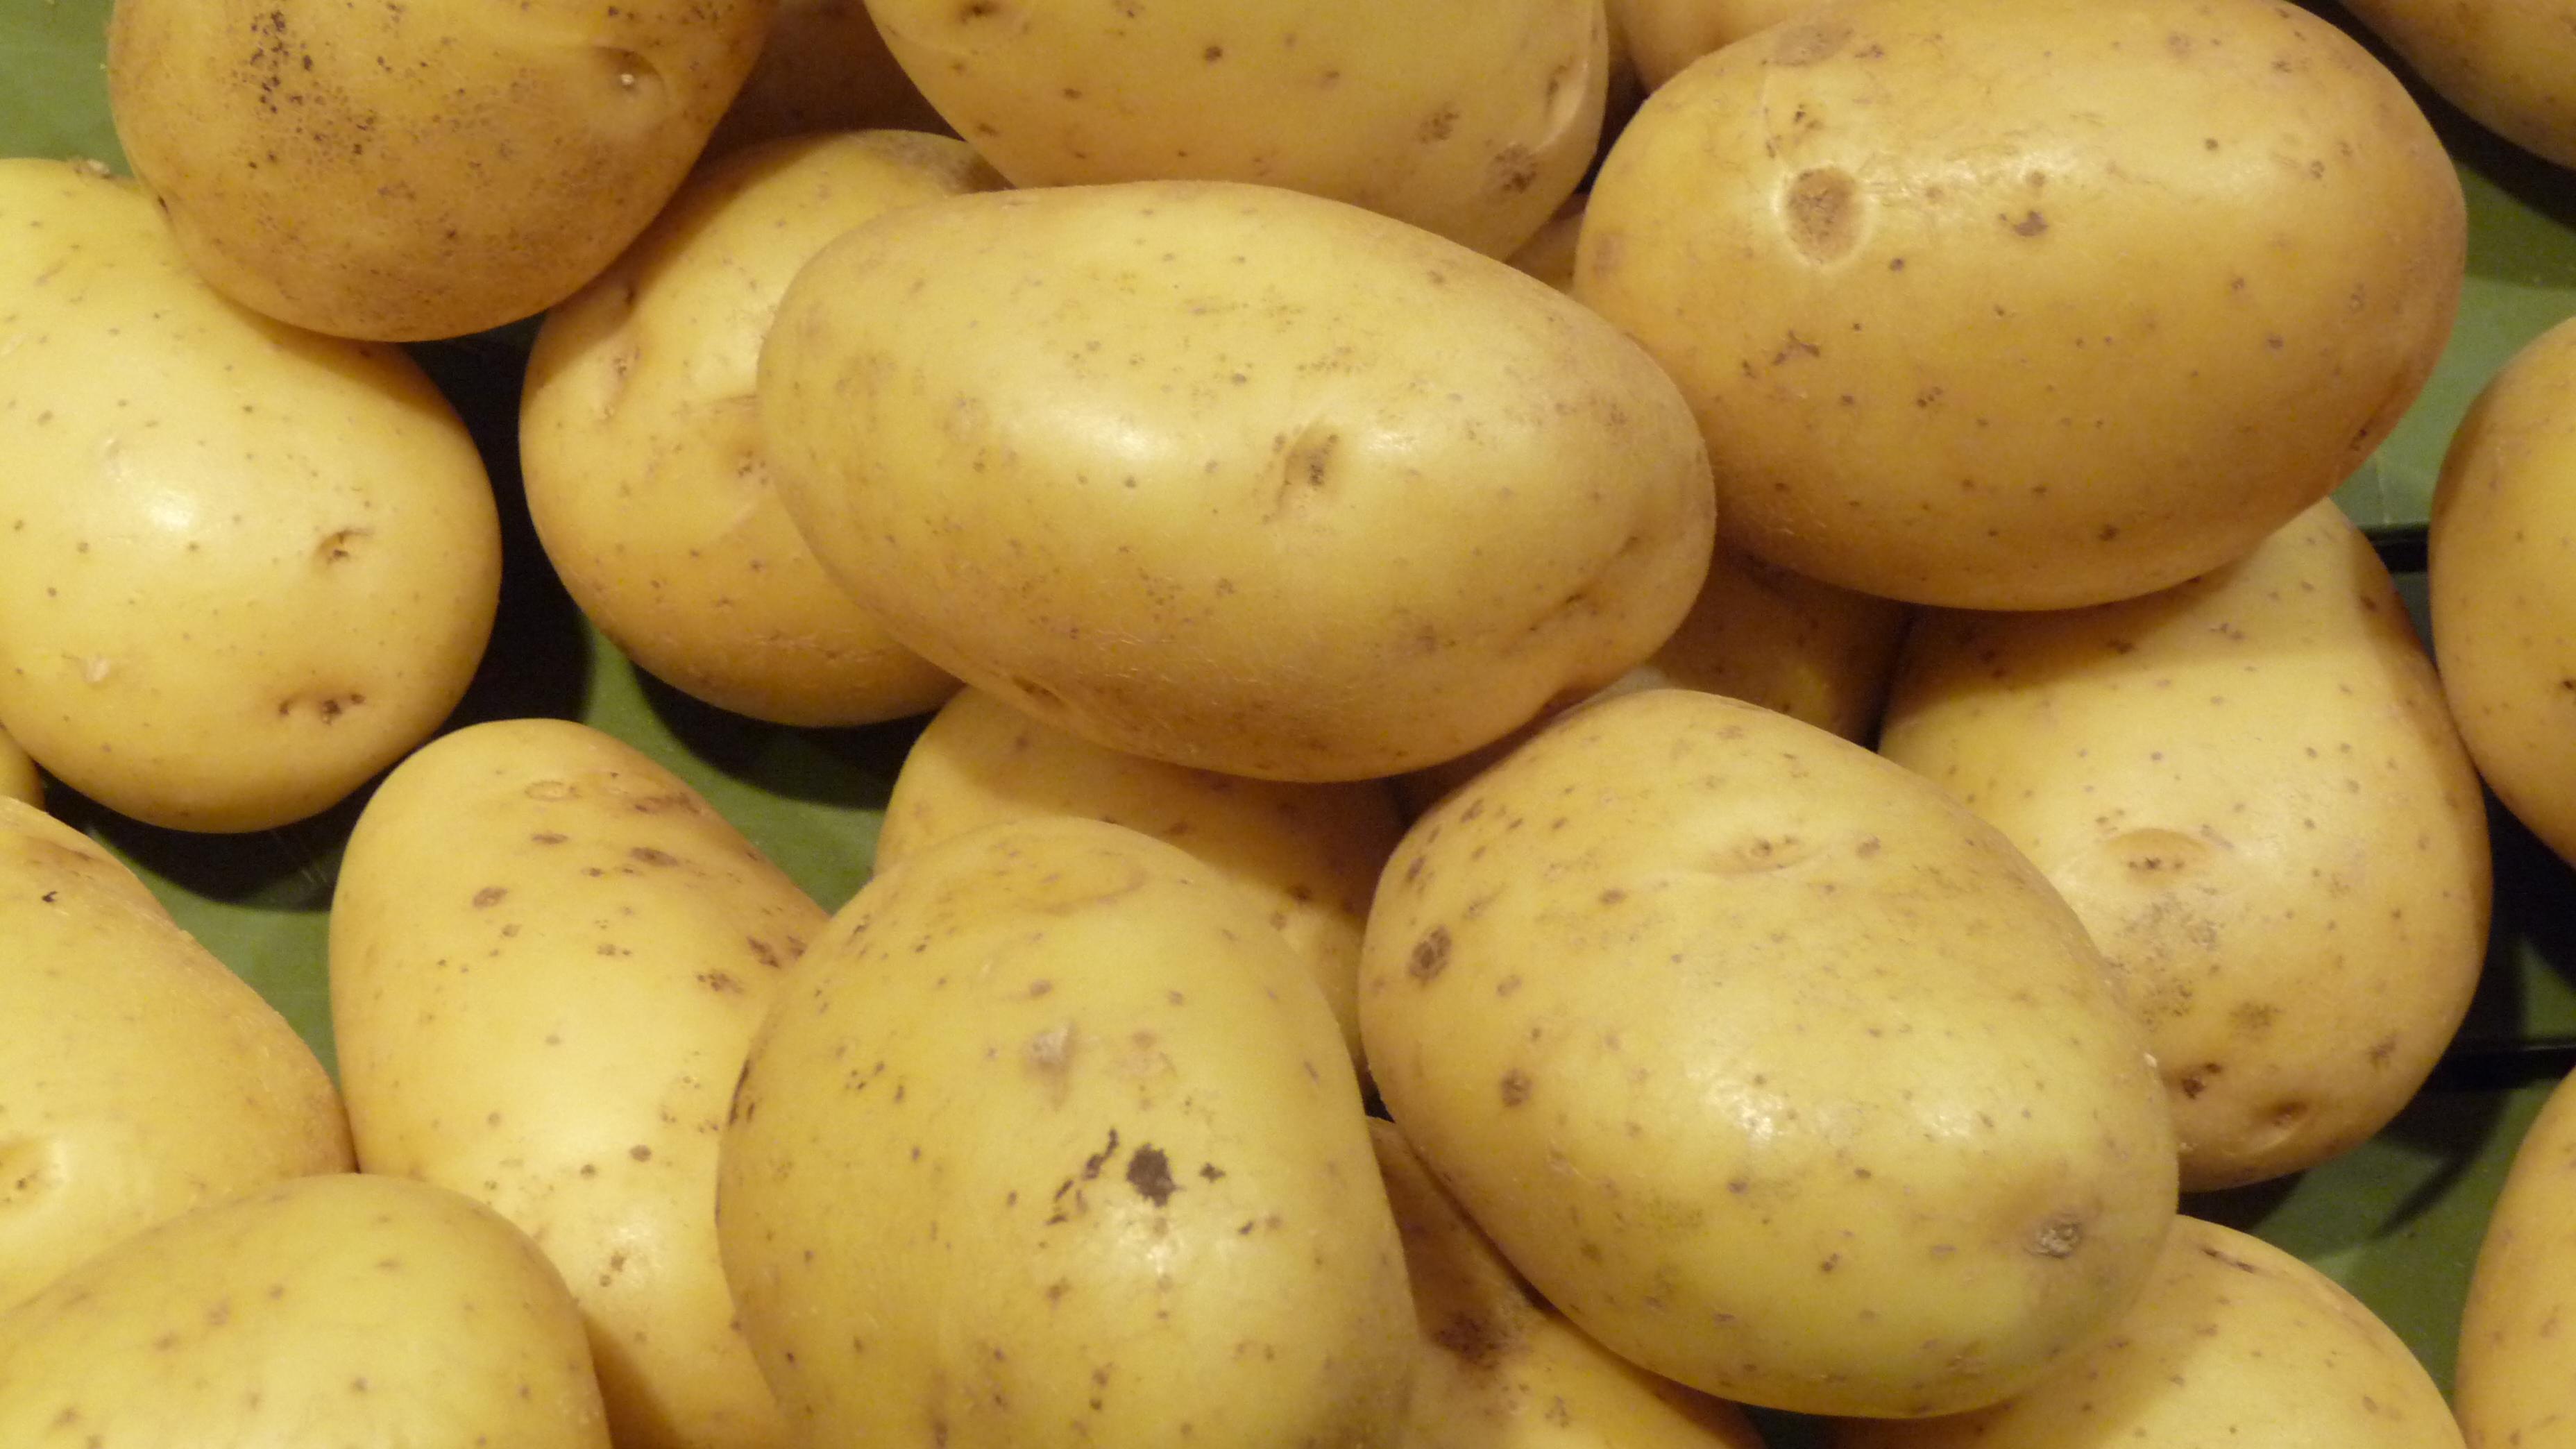 7e50a0b9fef Fichier Pommes de terre Monalisa.png — Wikipédia